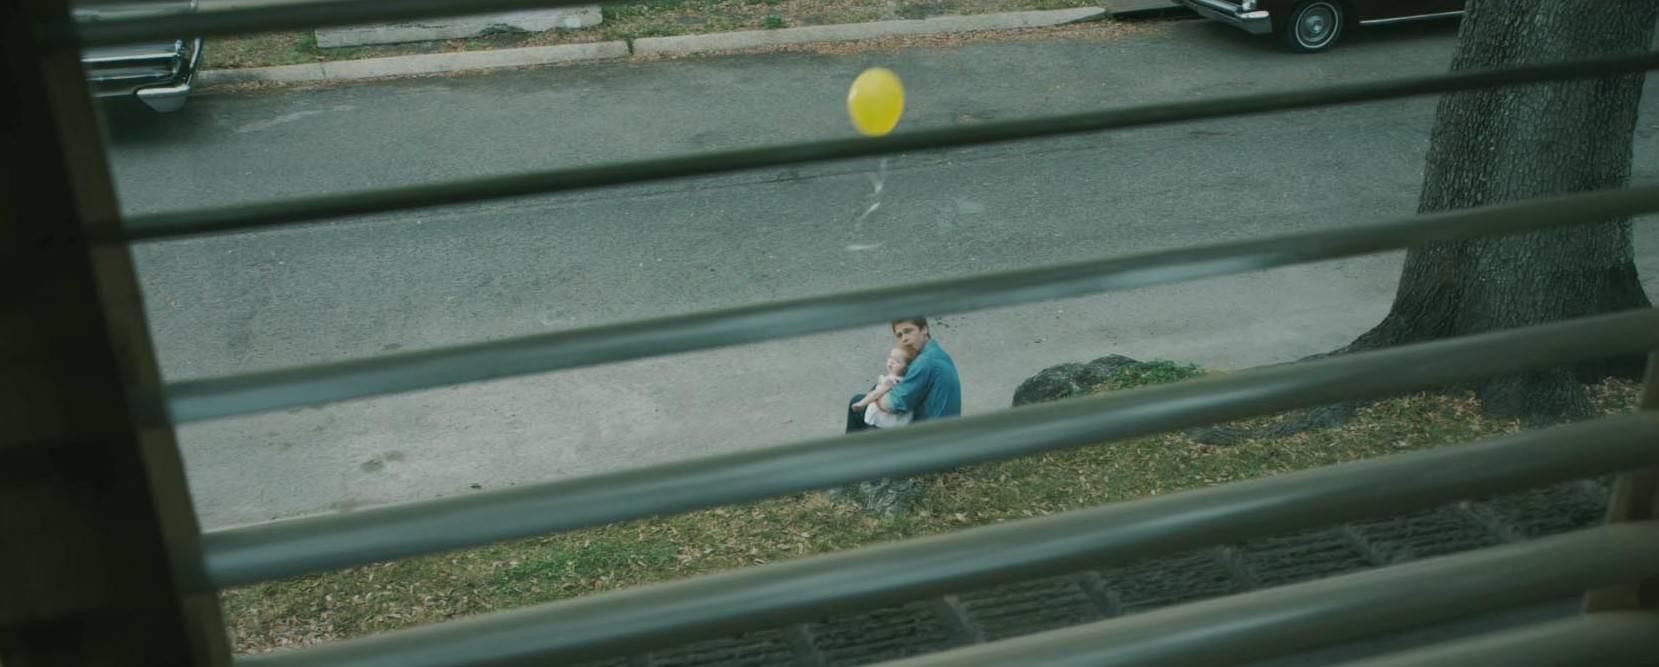 benjamin-button-balloon